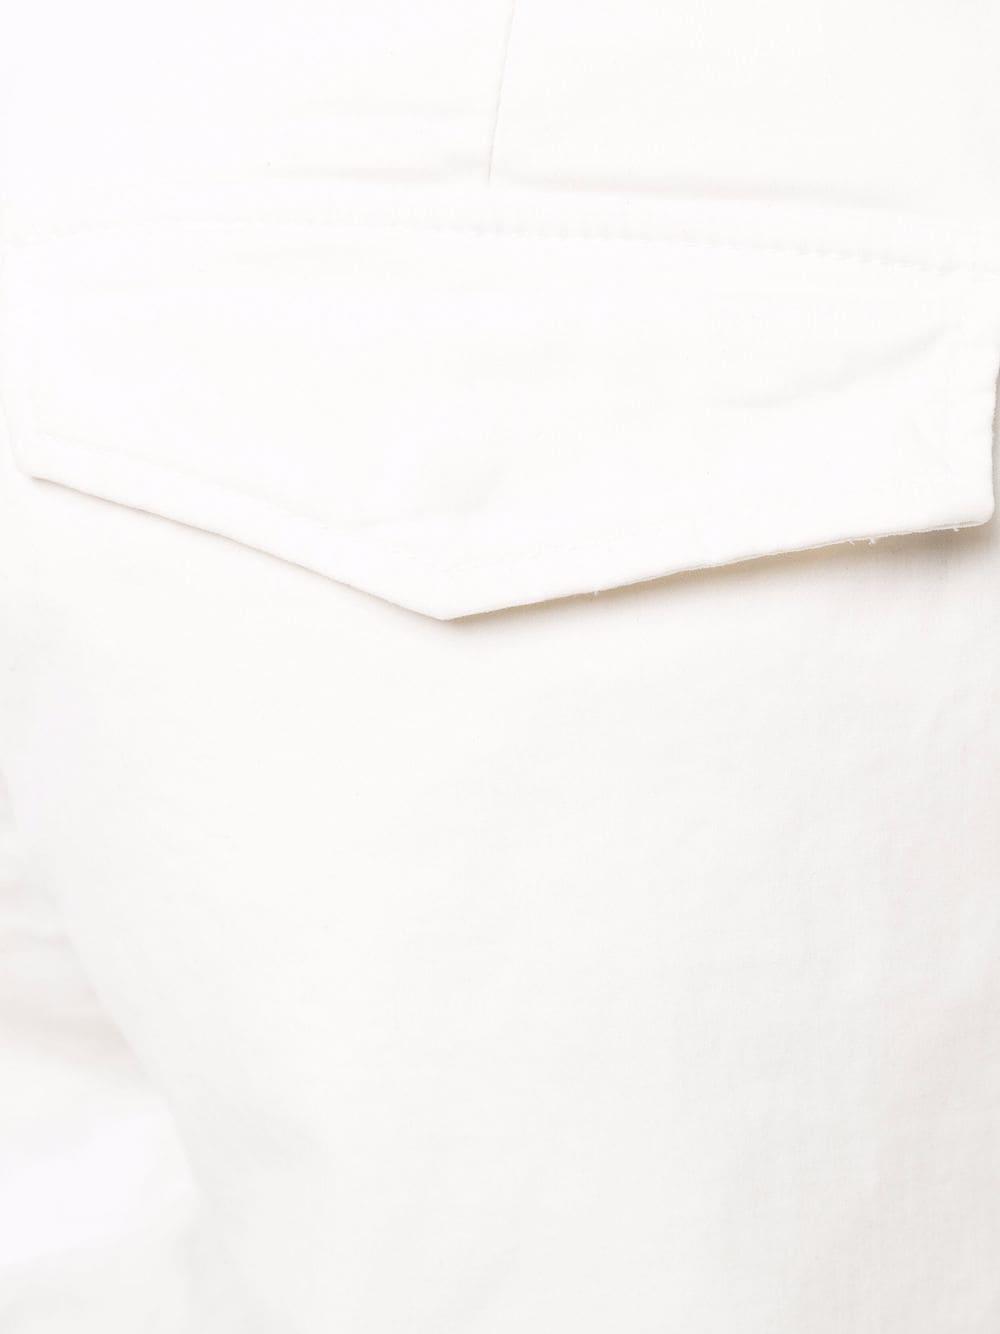 Pantalone slim fit in cotone elasticizzato bianco ELEVENTY | Pantaloni | D75PAND05-TET0C00601